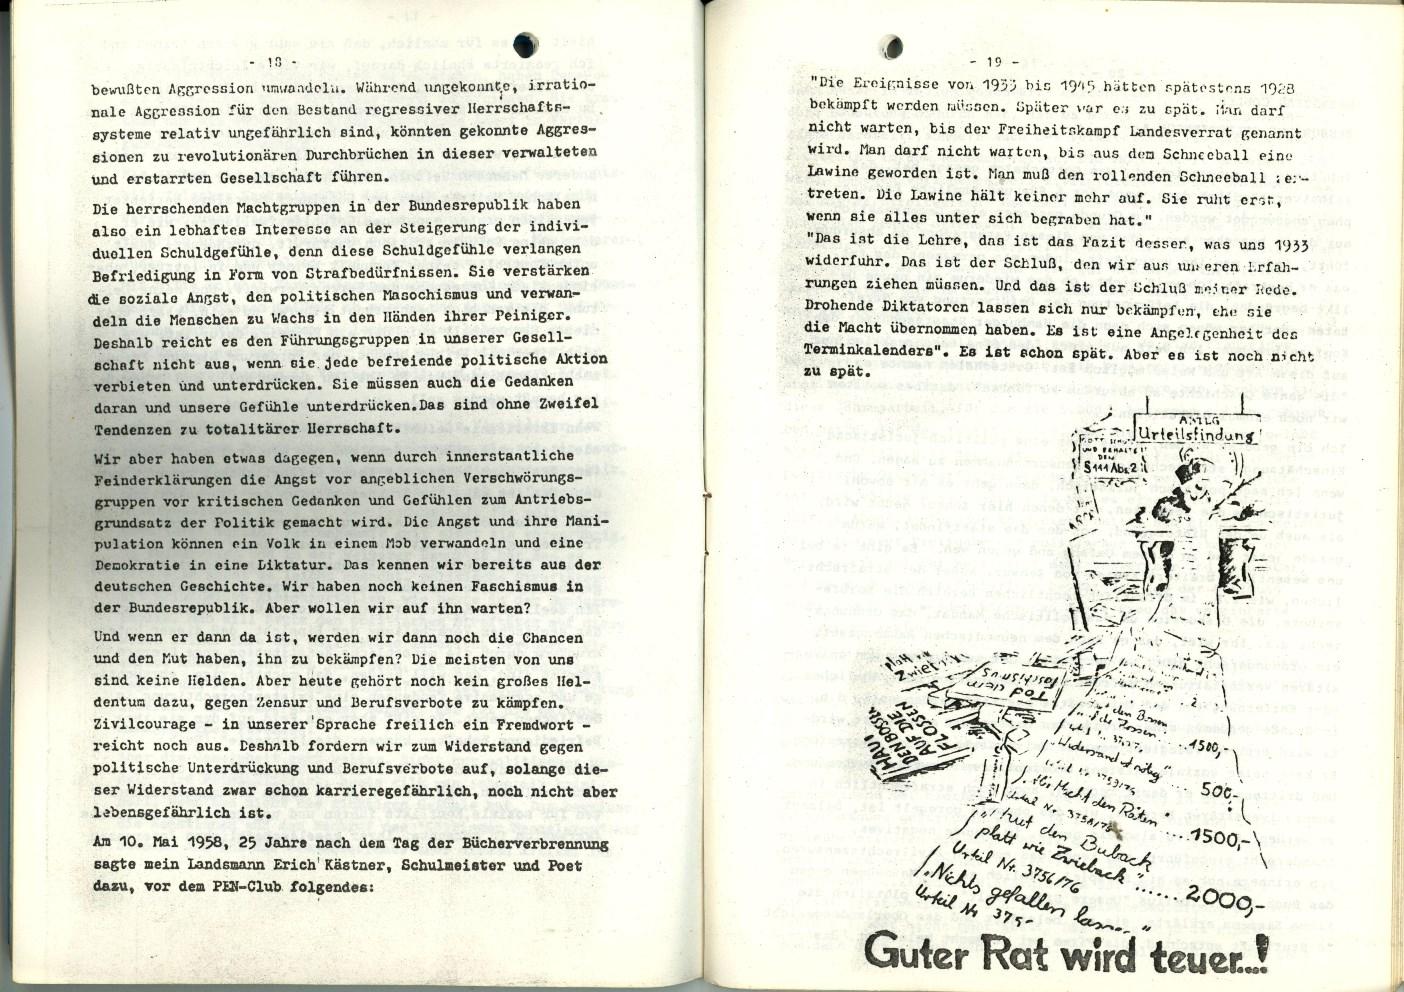 Hamburg_Vorbereitungsgruppe_Russell_Tribunal_Zensur_1978_10